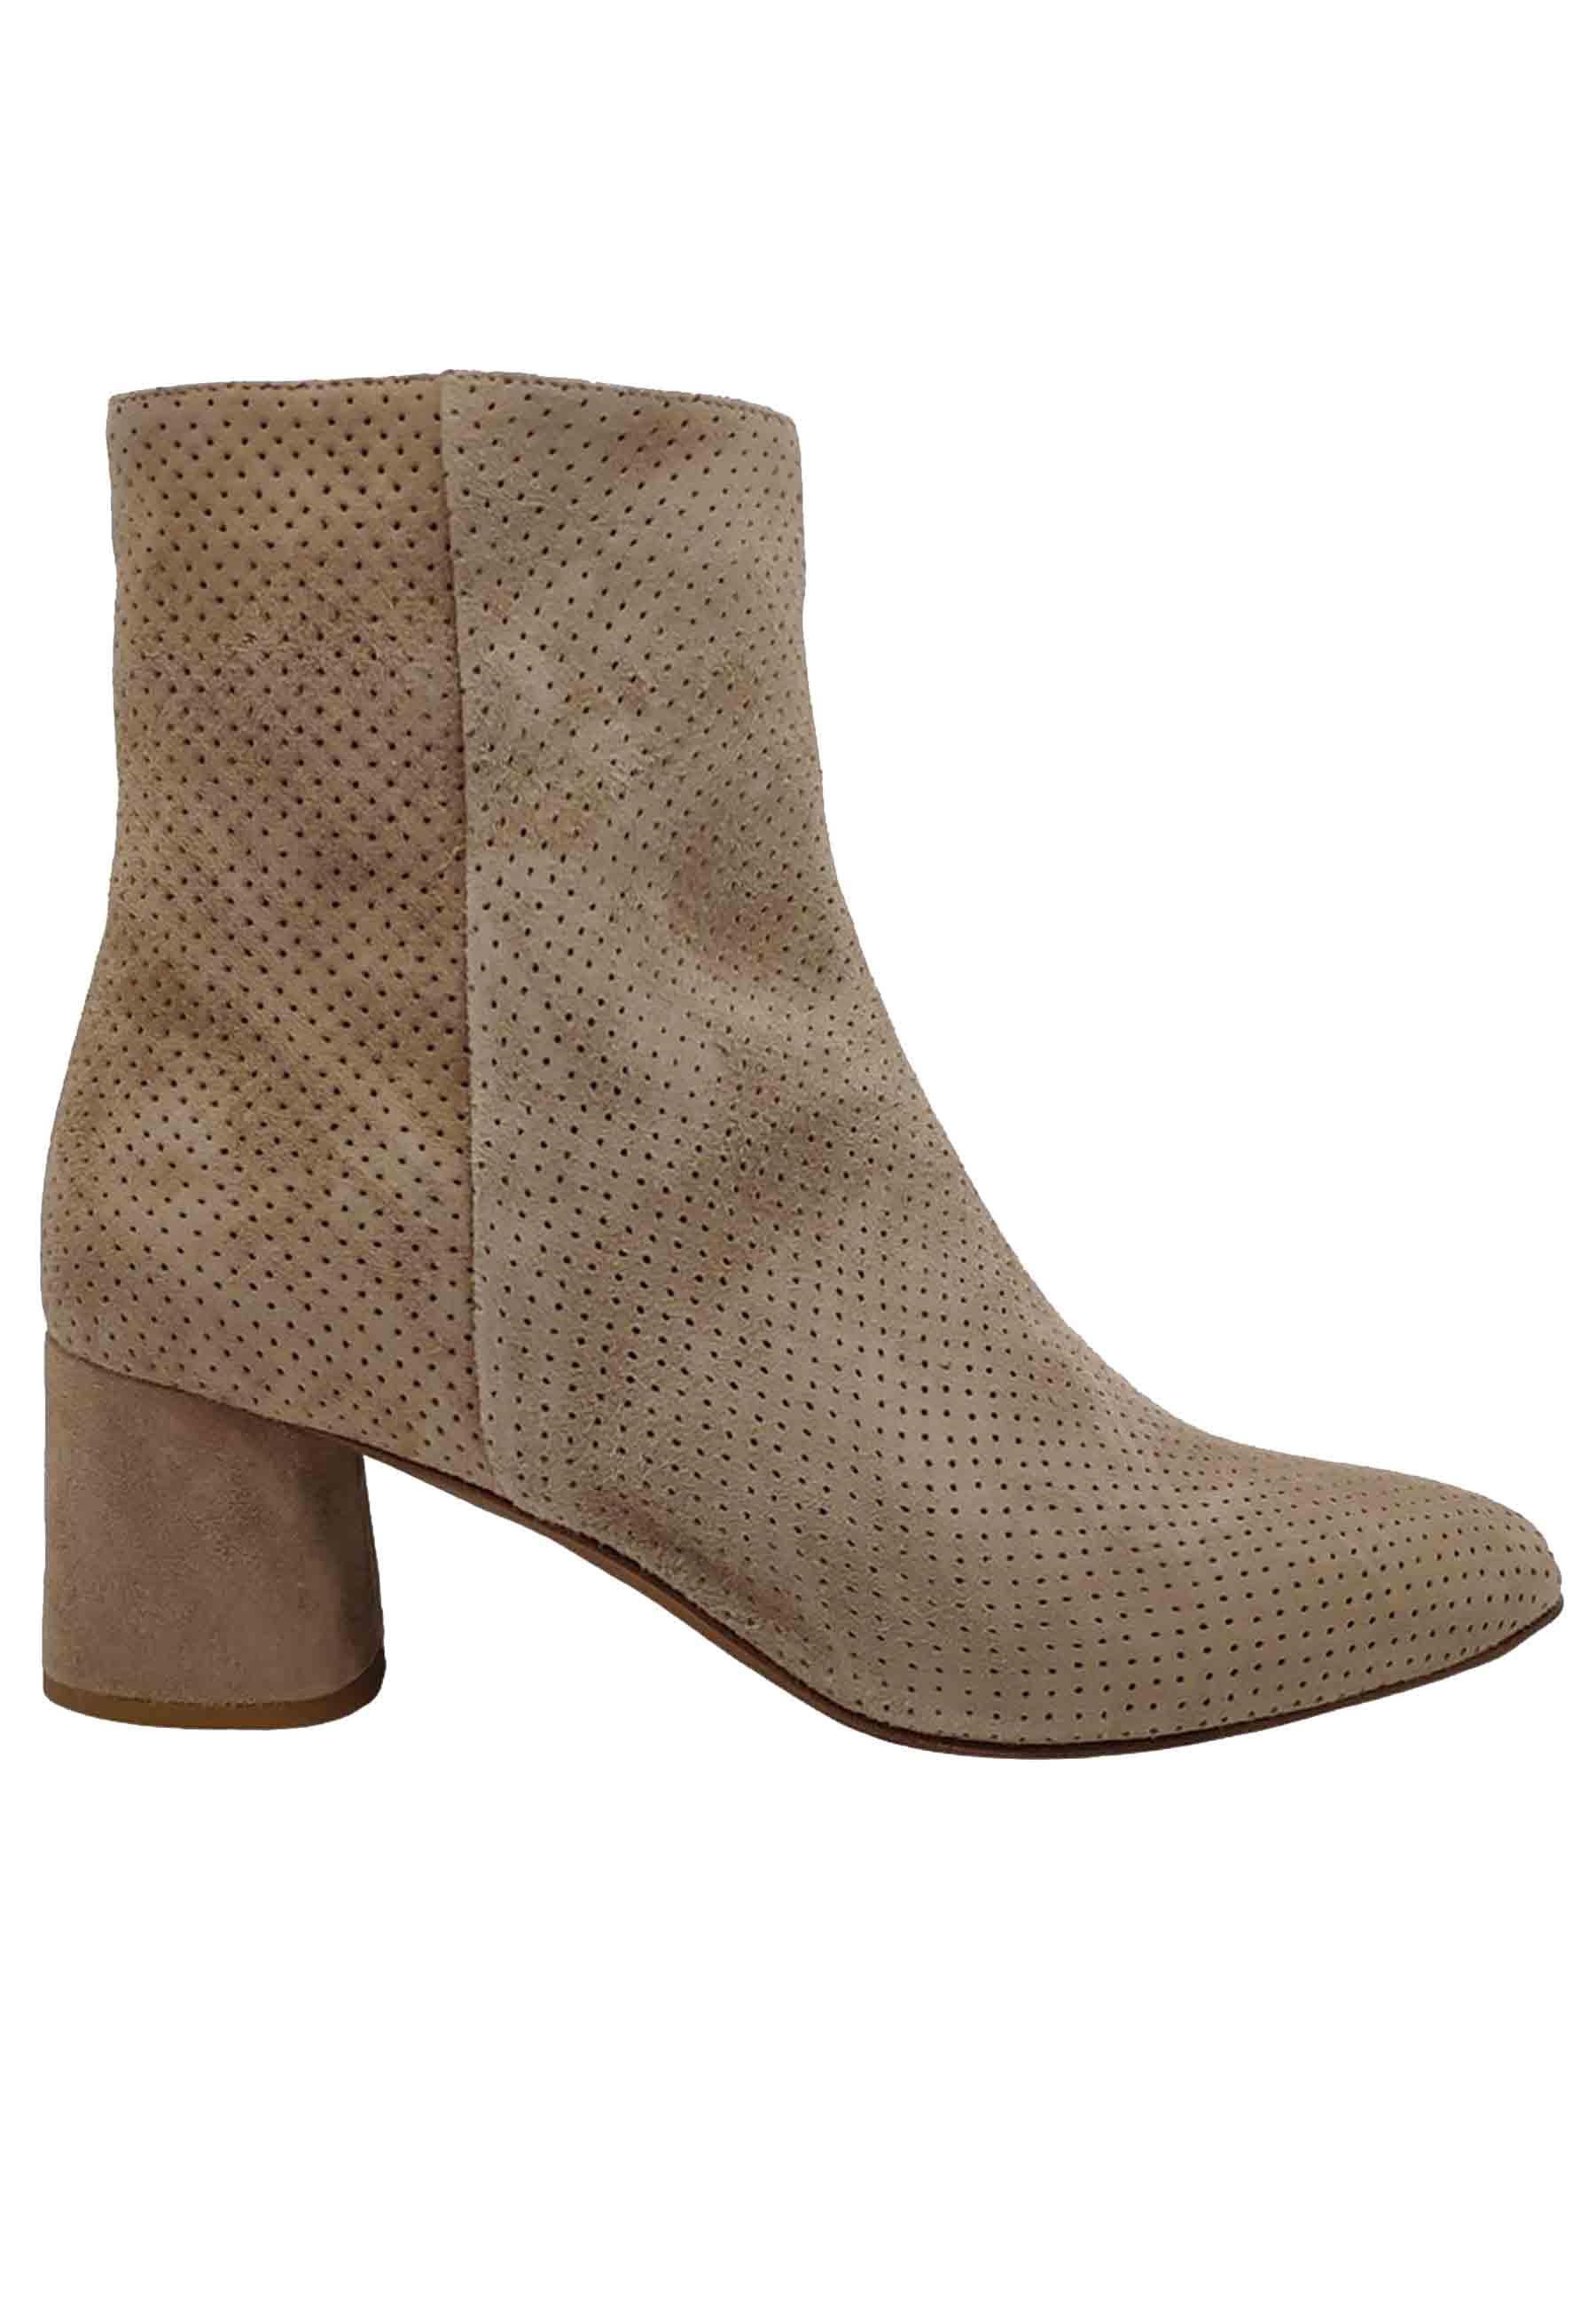 Calzature Donna Stivaletti in Camoscio Beige MIcrofaorati con zip Laterale Fru | Stivaletti | 9120SBEIGE